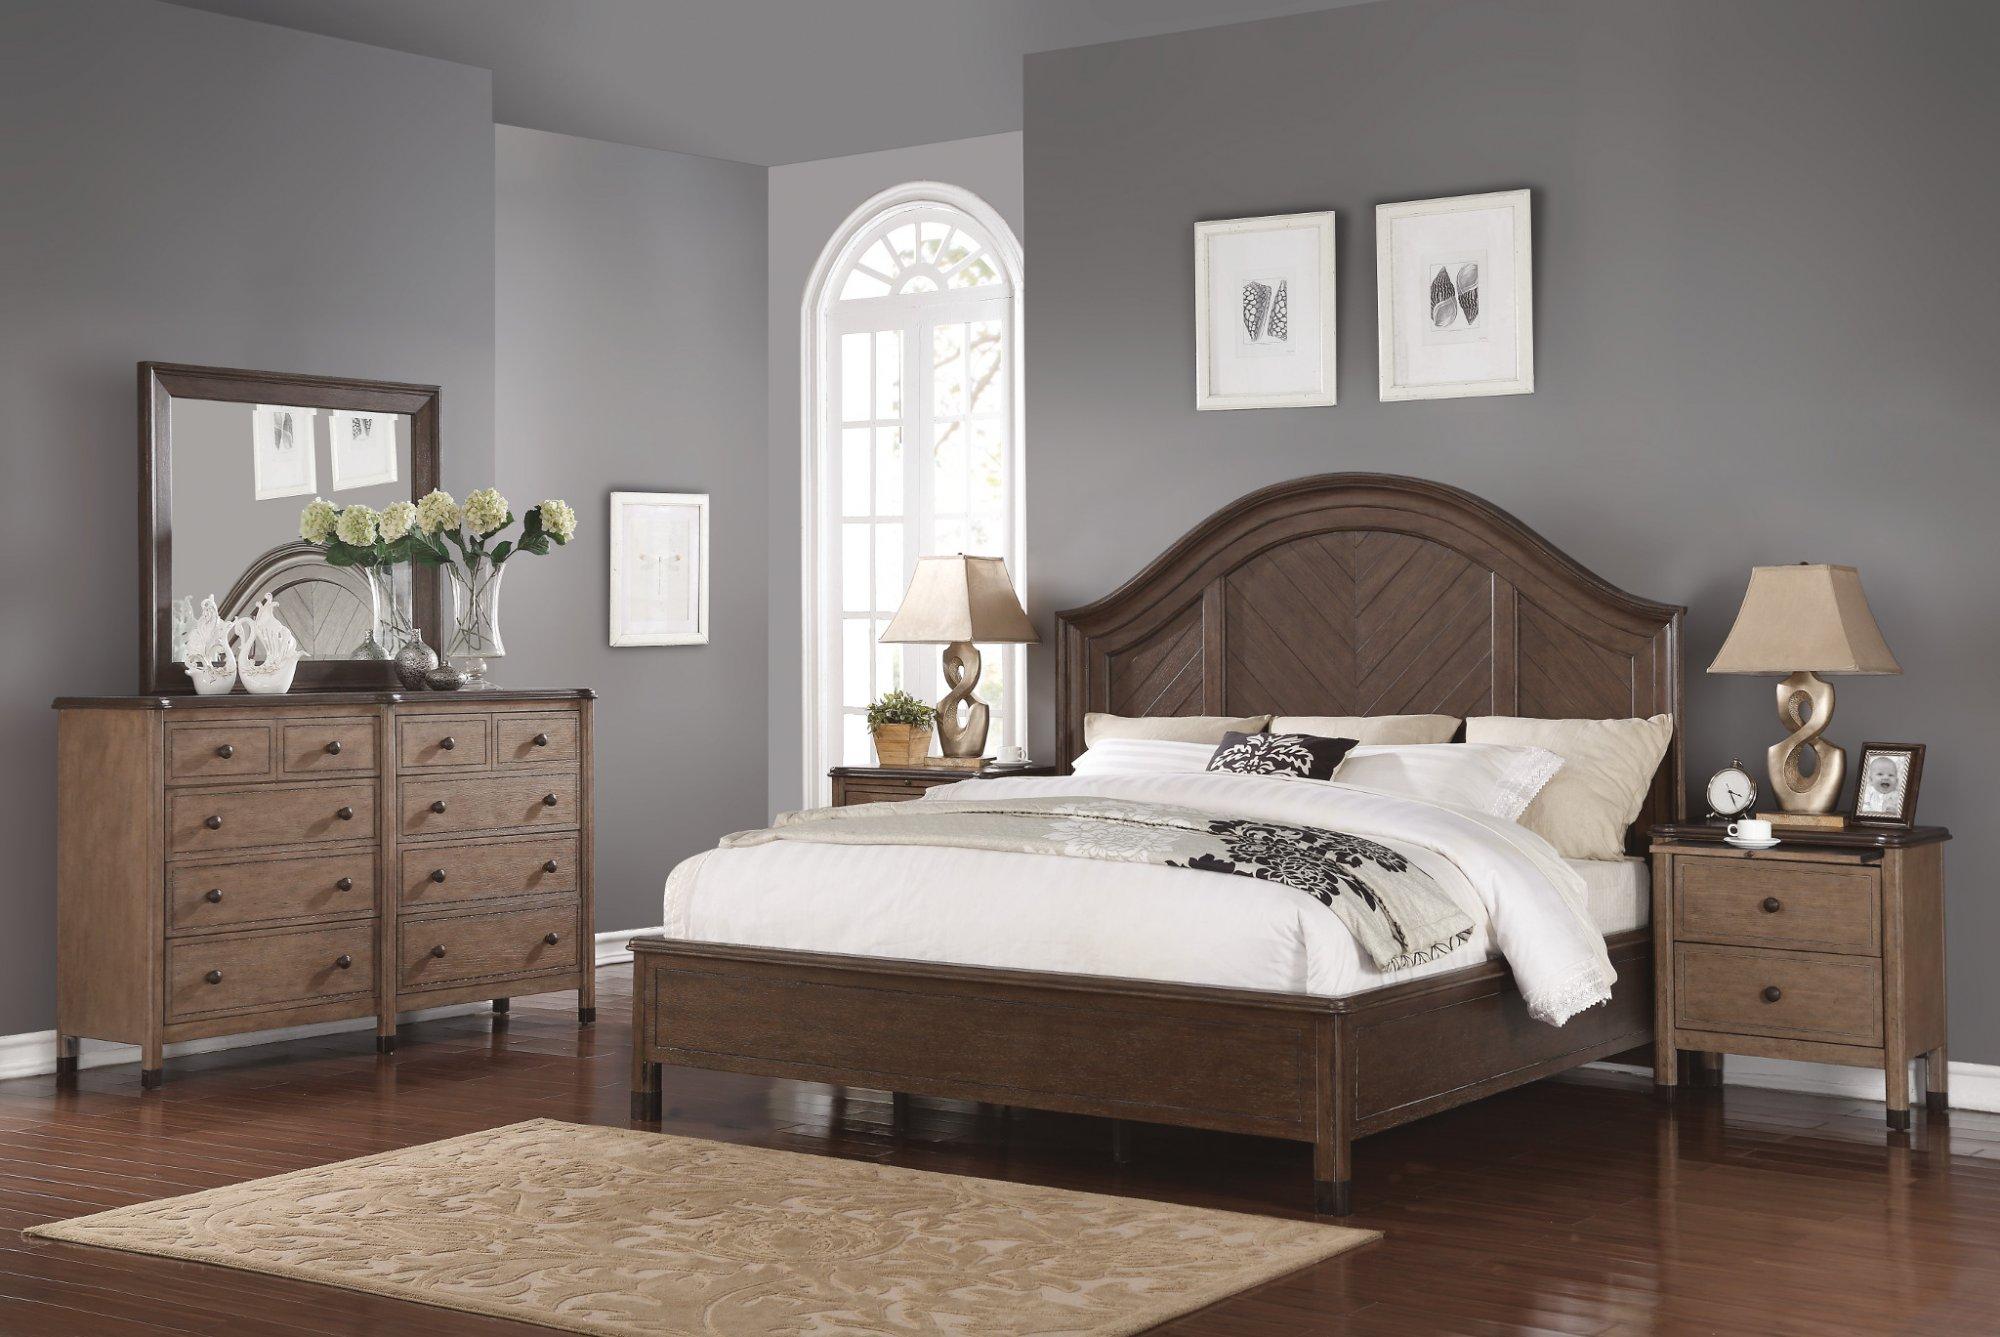 Model: W1046-91Q | Flexsteel Carmen  Queen Bed